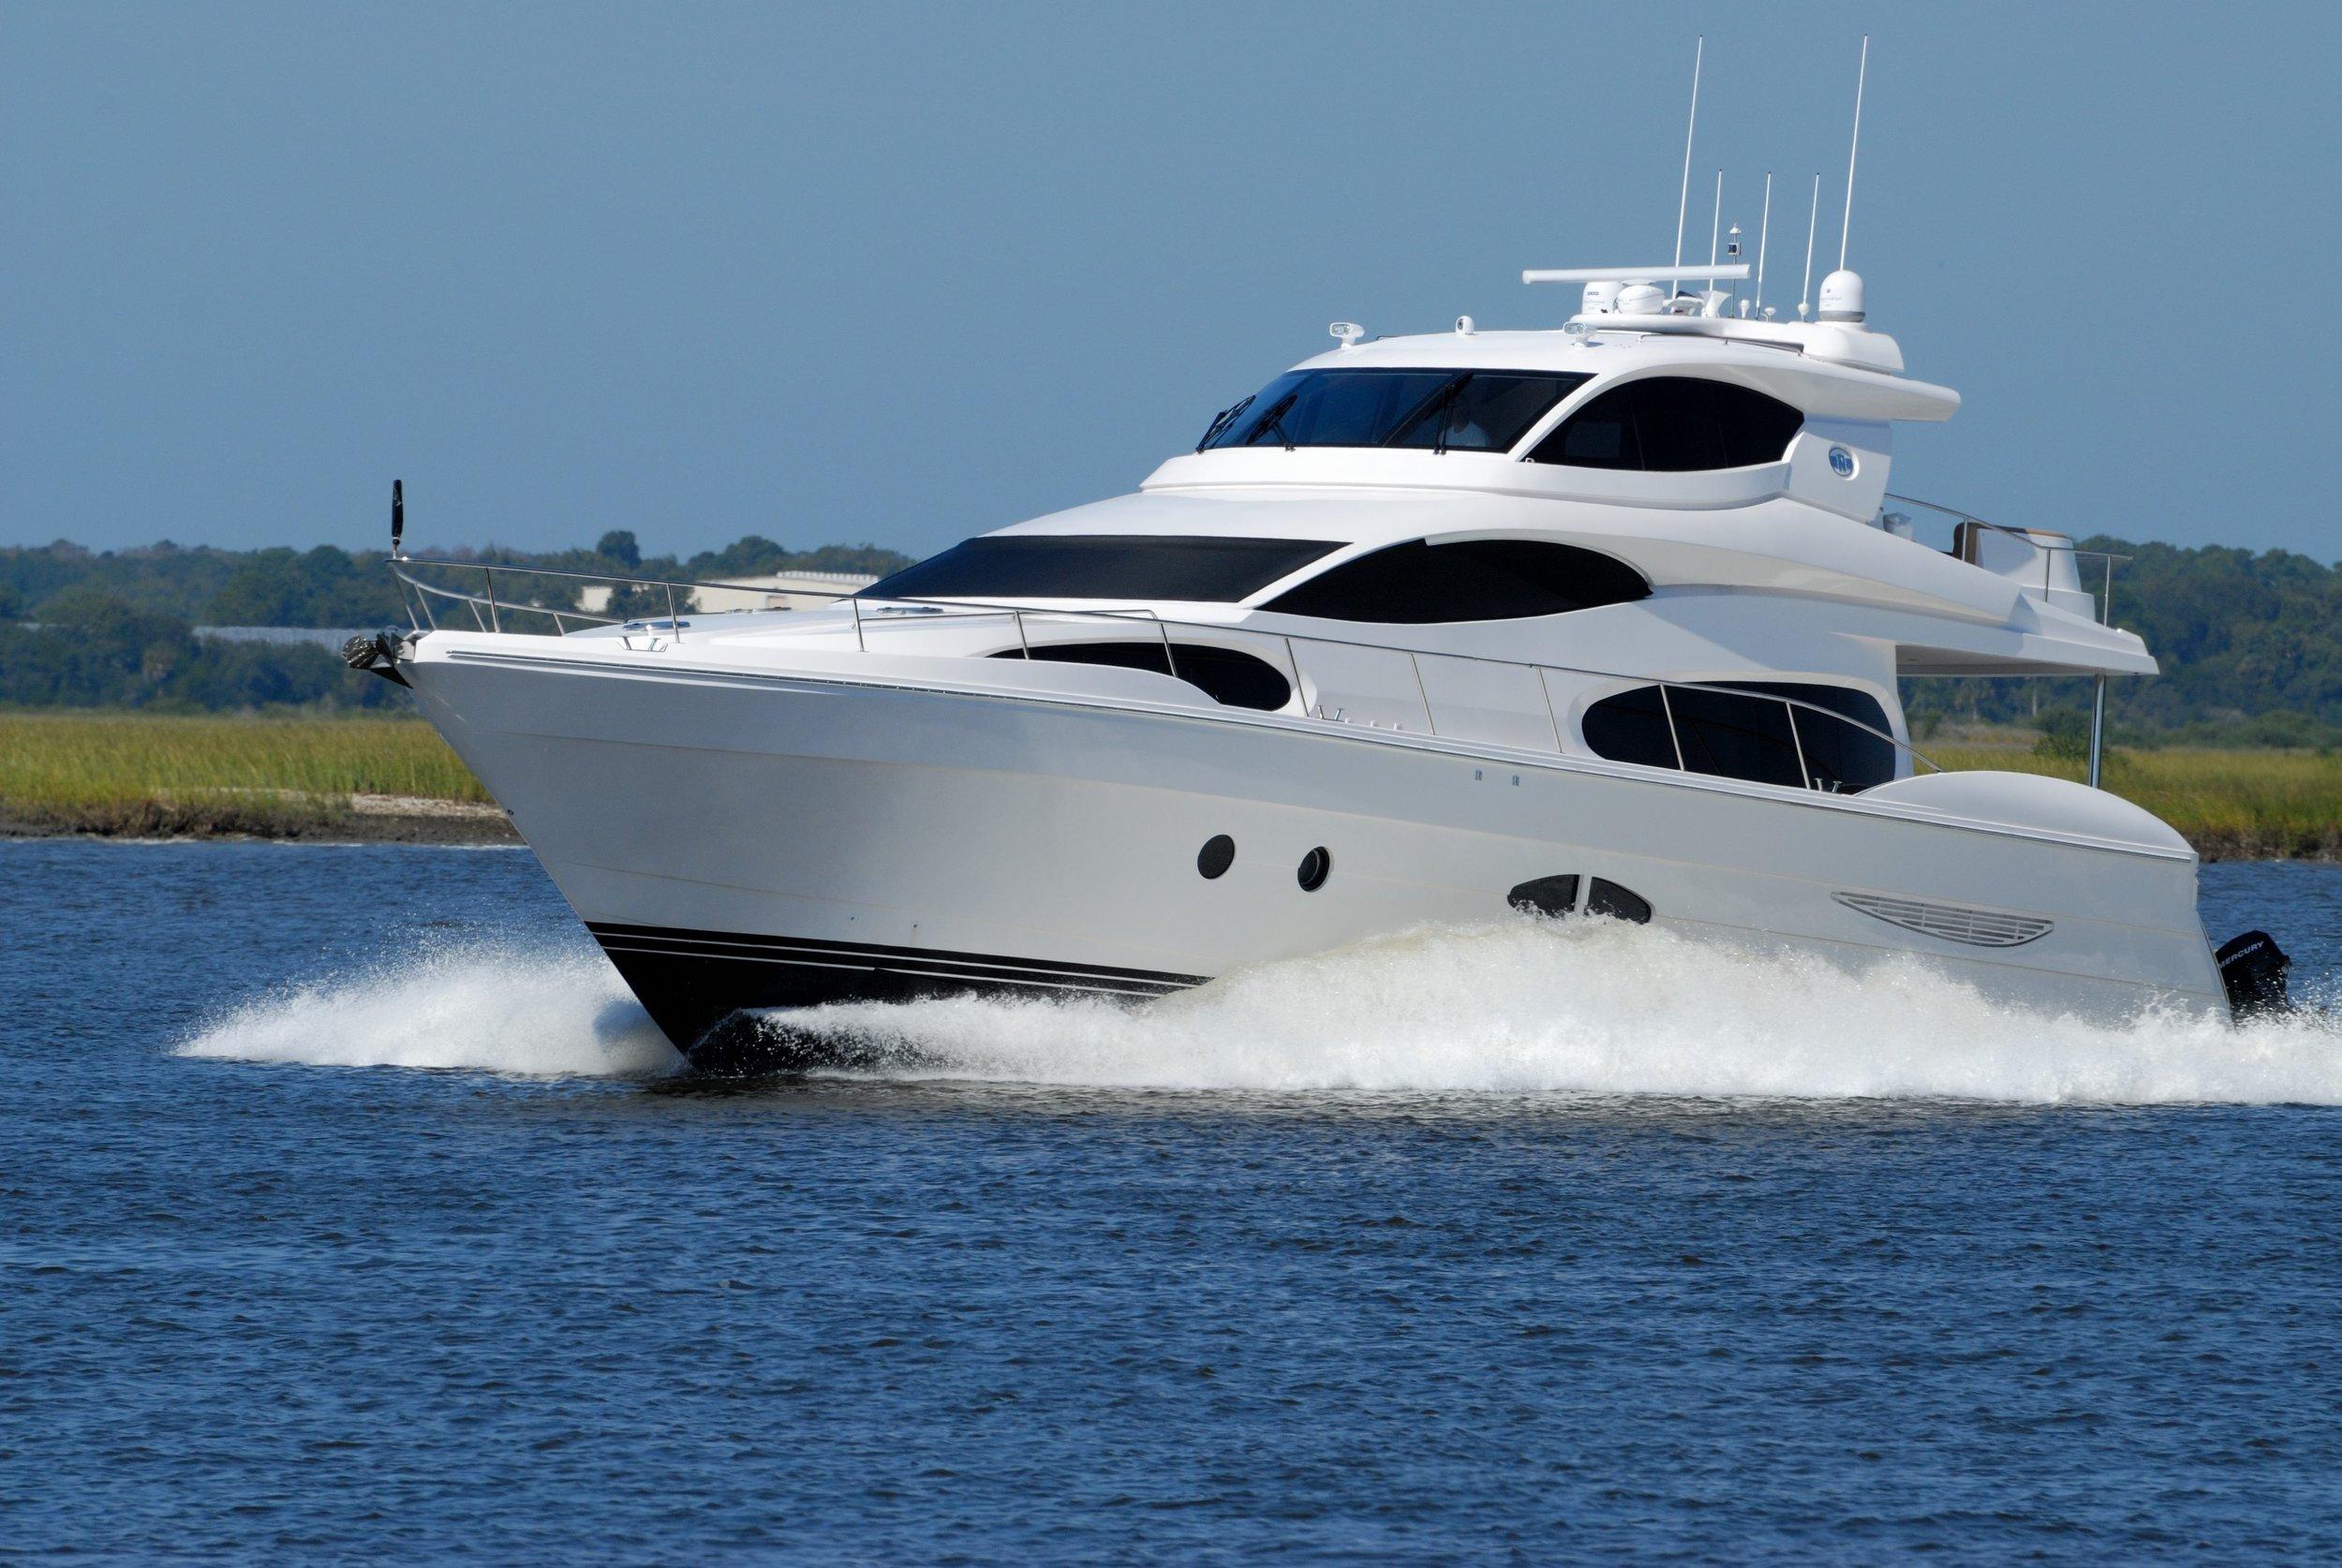 luxury-yacht-boat-speed-water-163236.jpeg